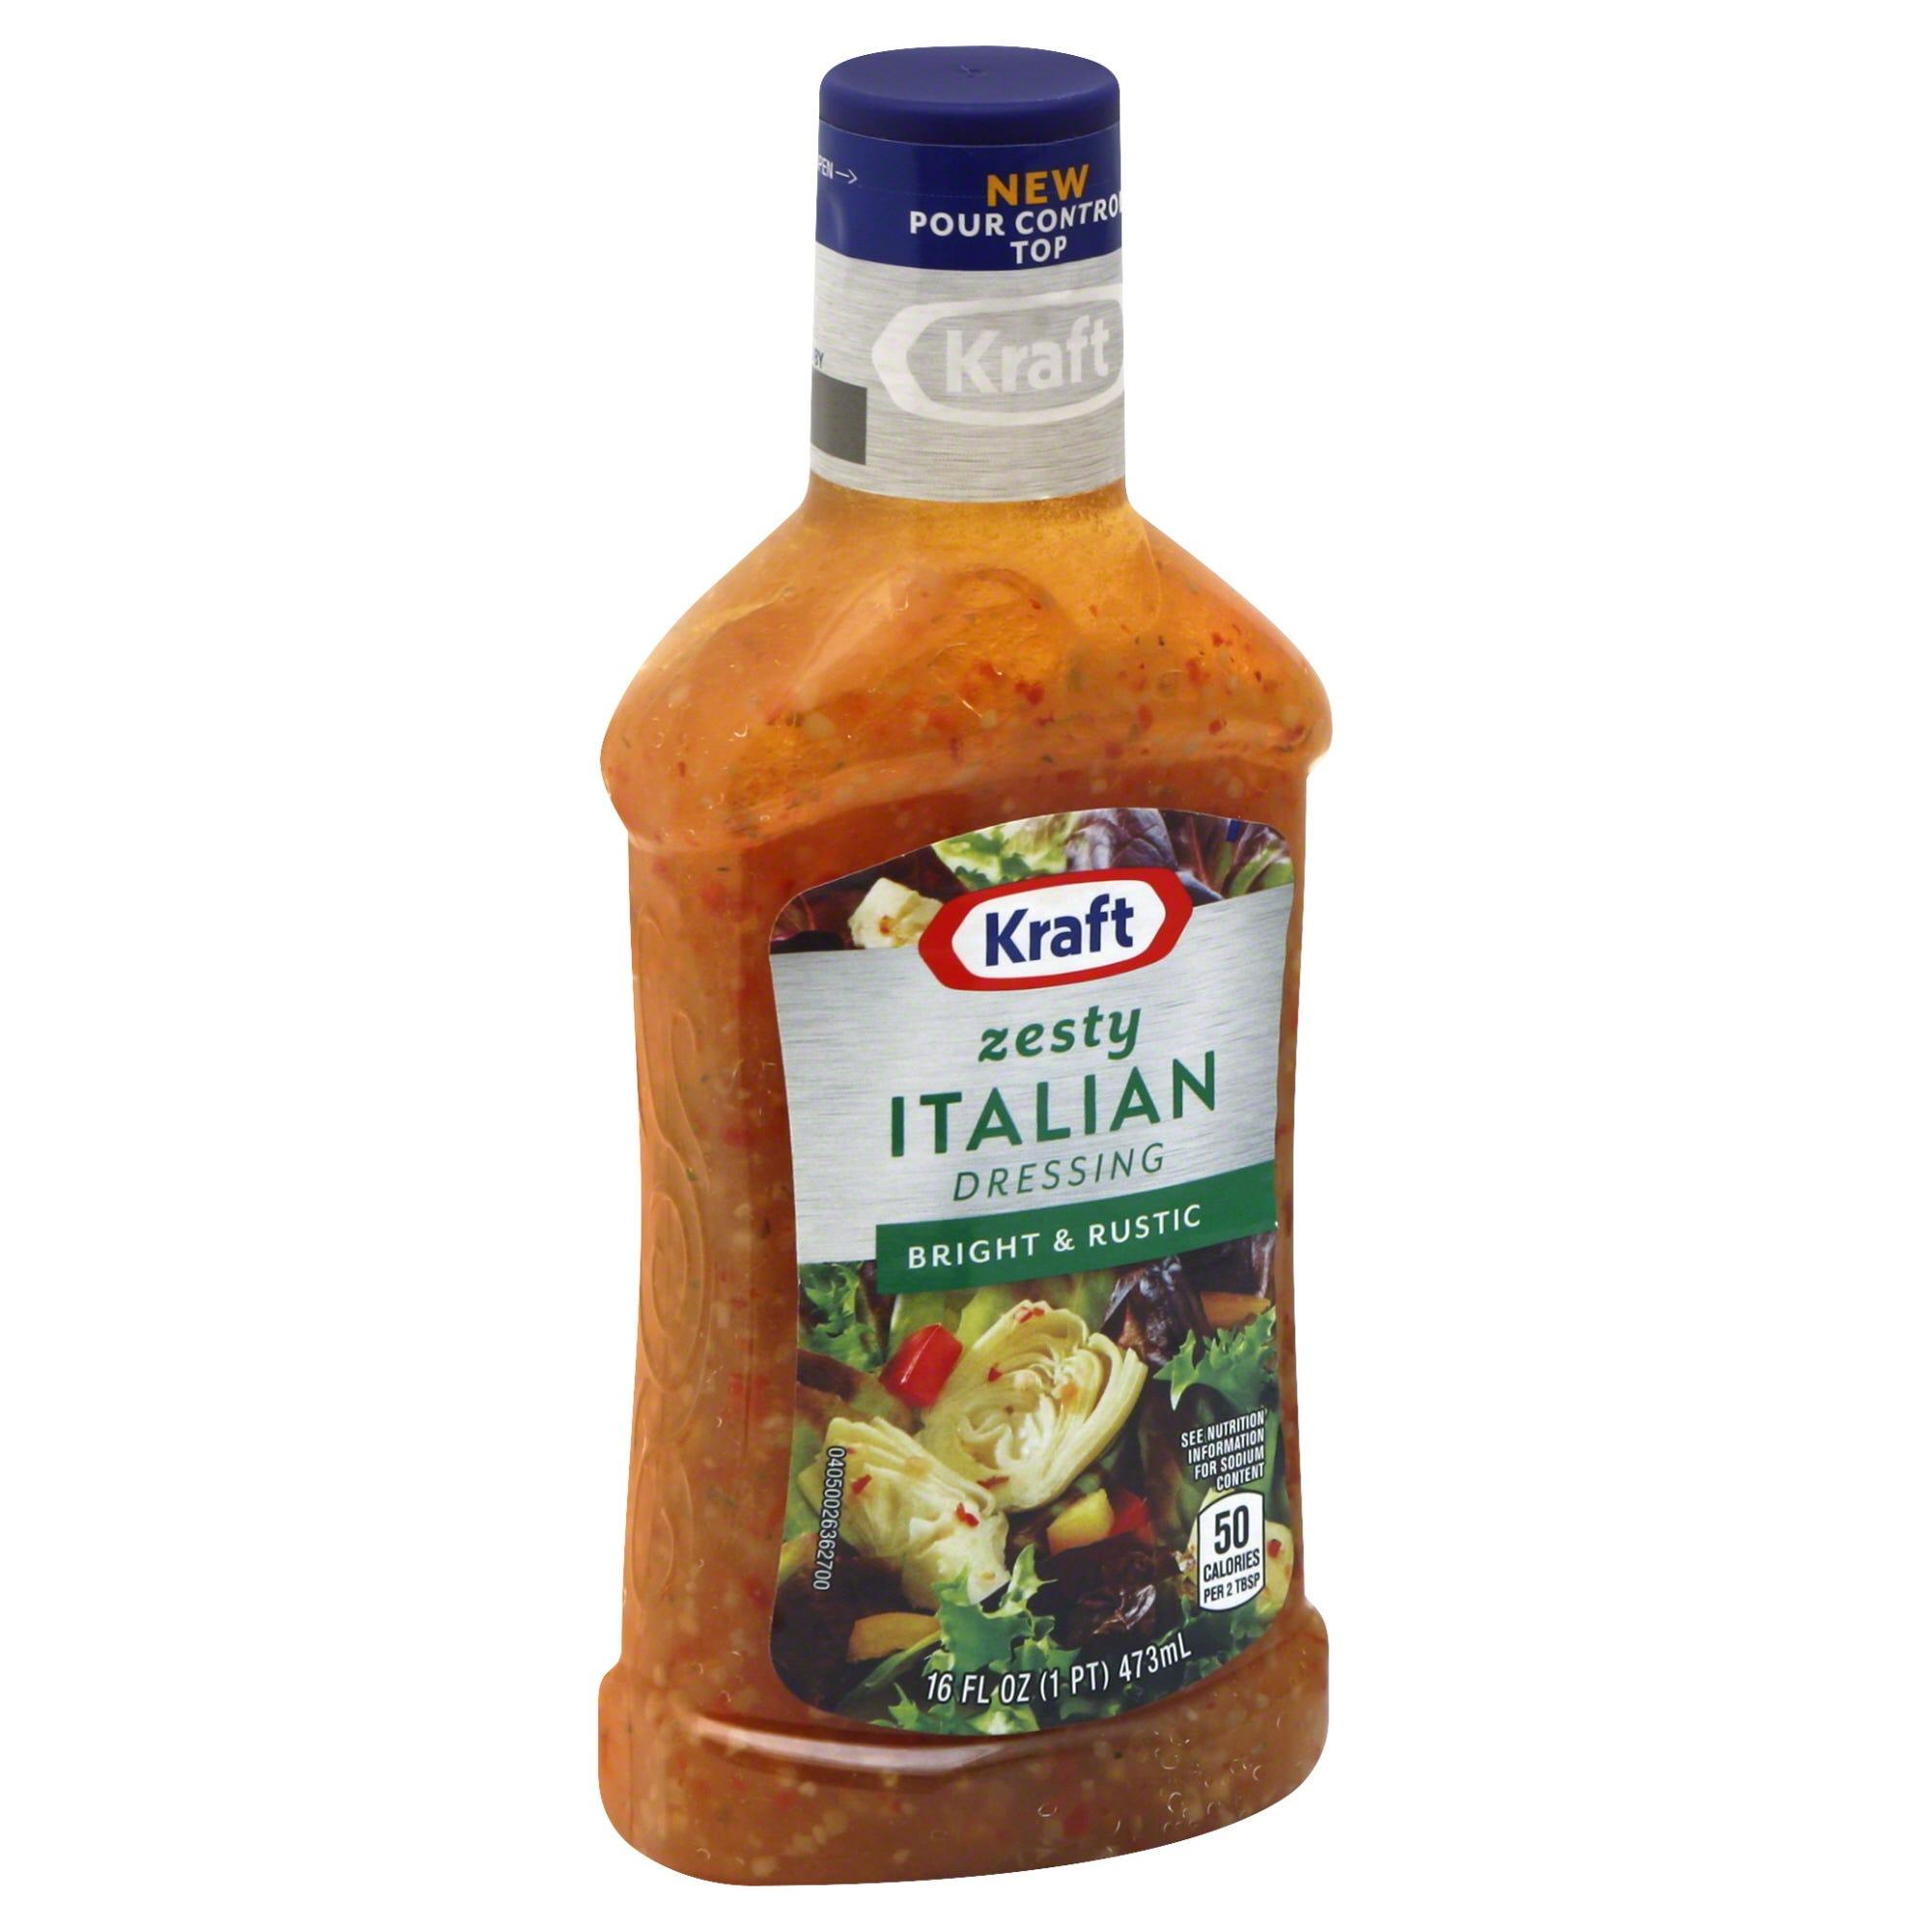 Kraft Dressing, Zesty Italian 16 fl oz